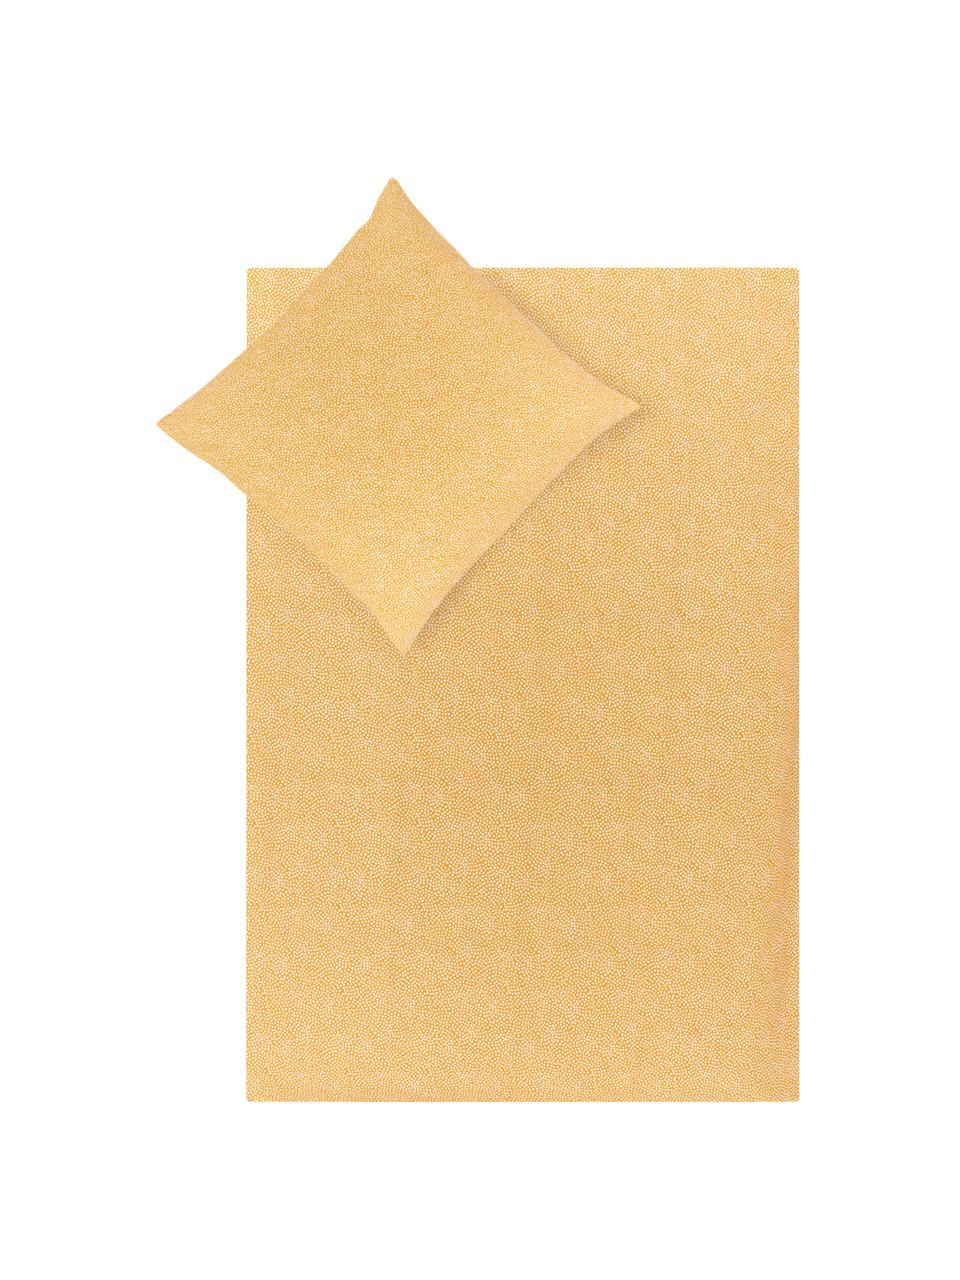 Dwustronna pościel z bawełny renforcé  Dots & Doodles, Brunatnożółty, biały, czarny, 135 x 200 cm